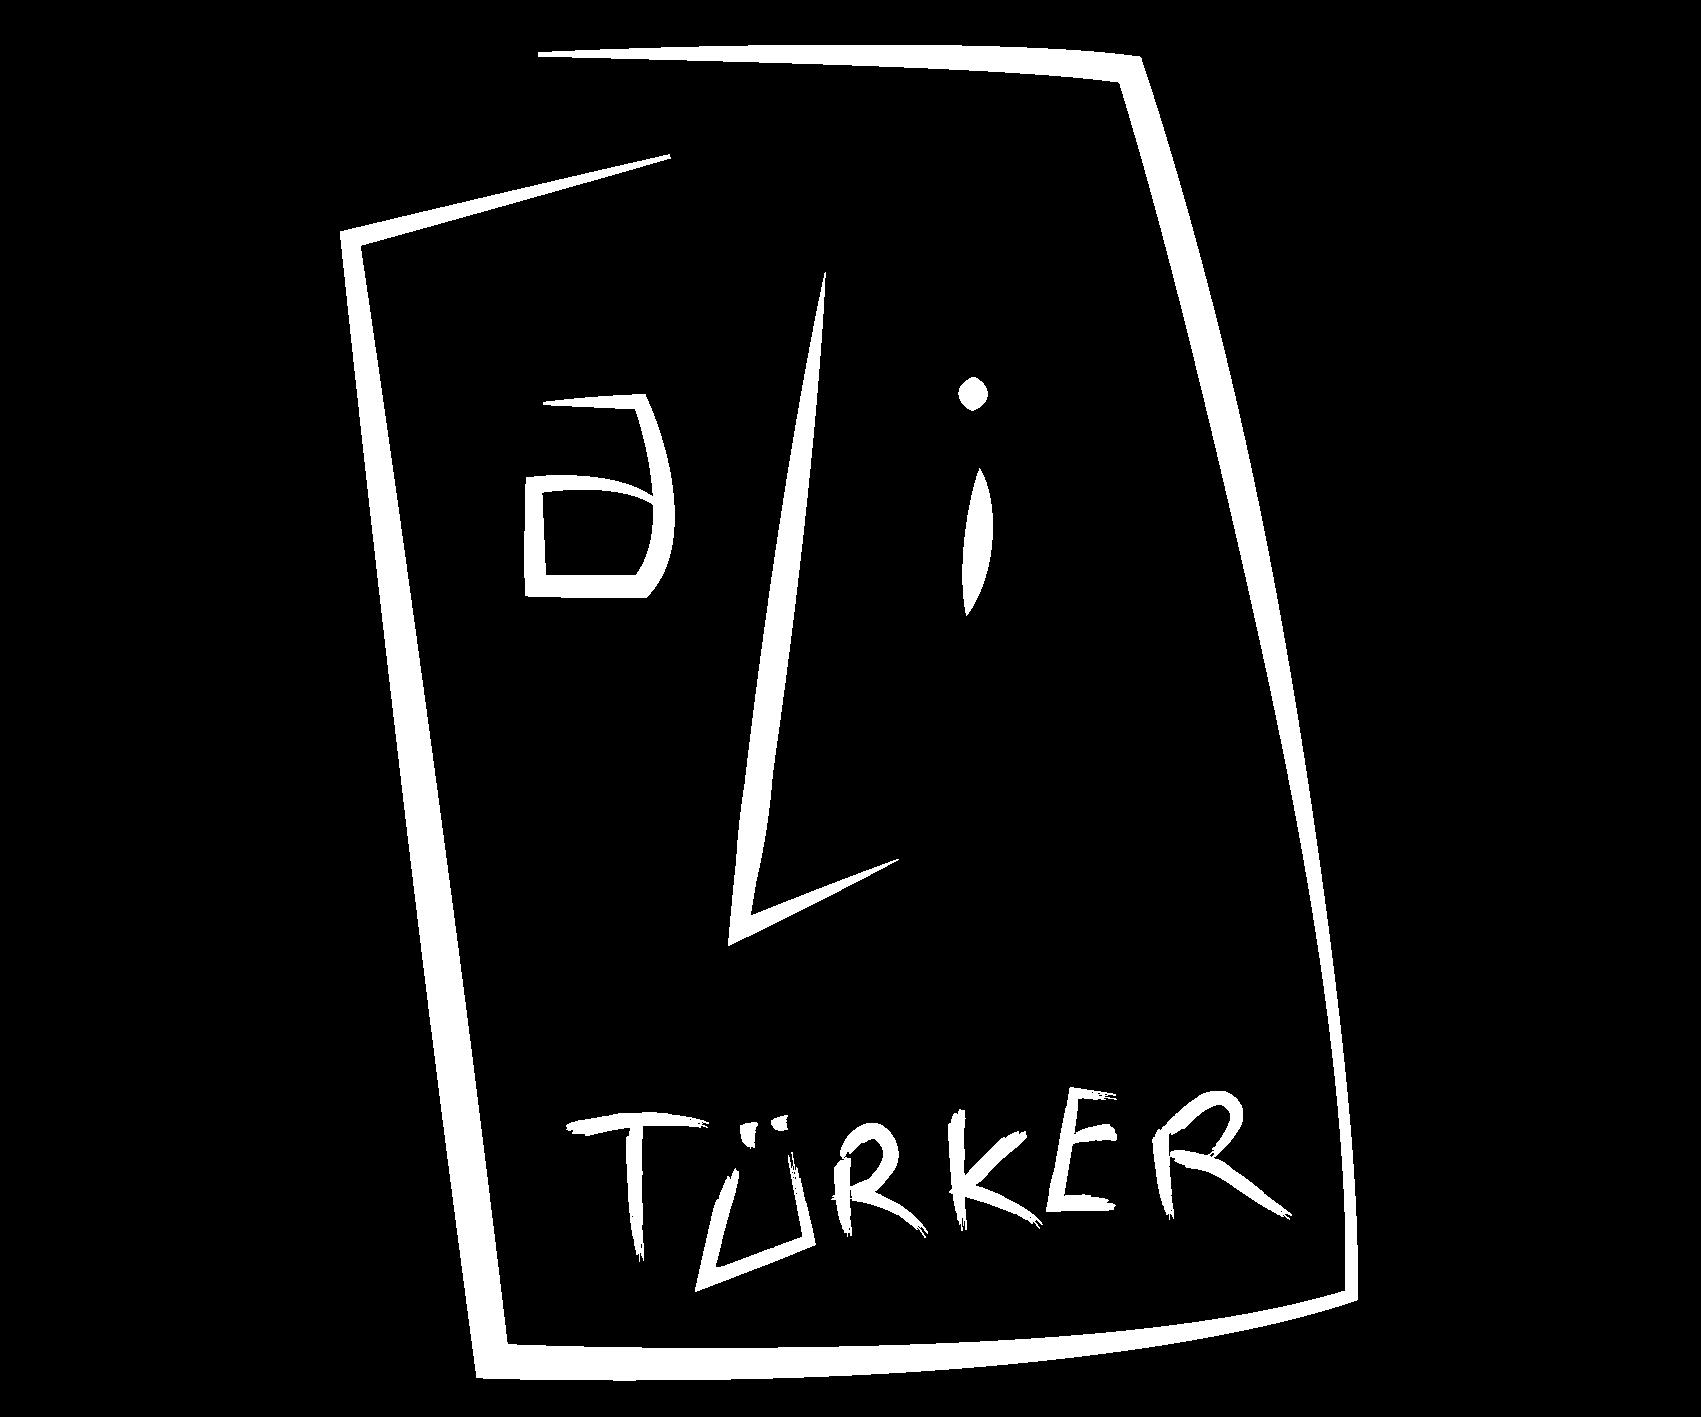 Ali Türker - Grafik Tasarım, İllüstrasyon, Fotoğraf, Kurumsal Kimlik, Logo Tasarımı